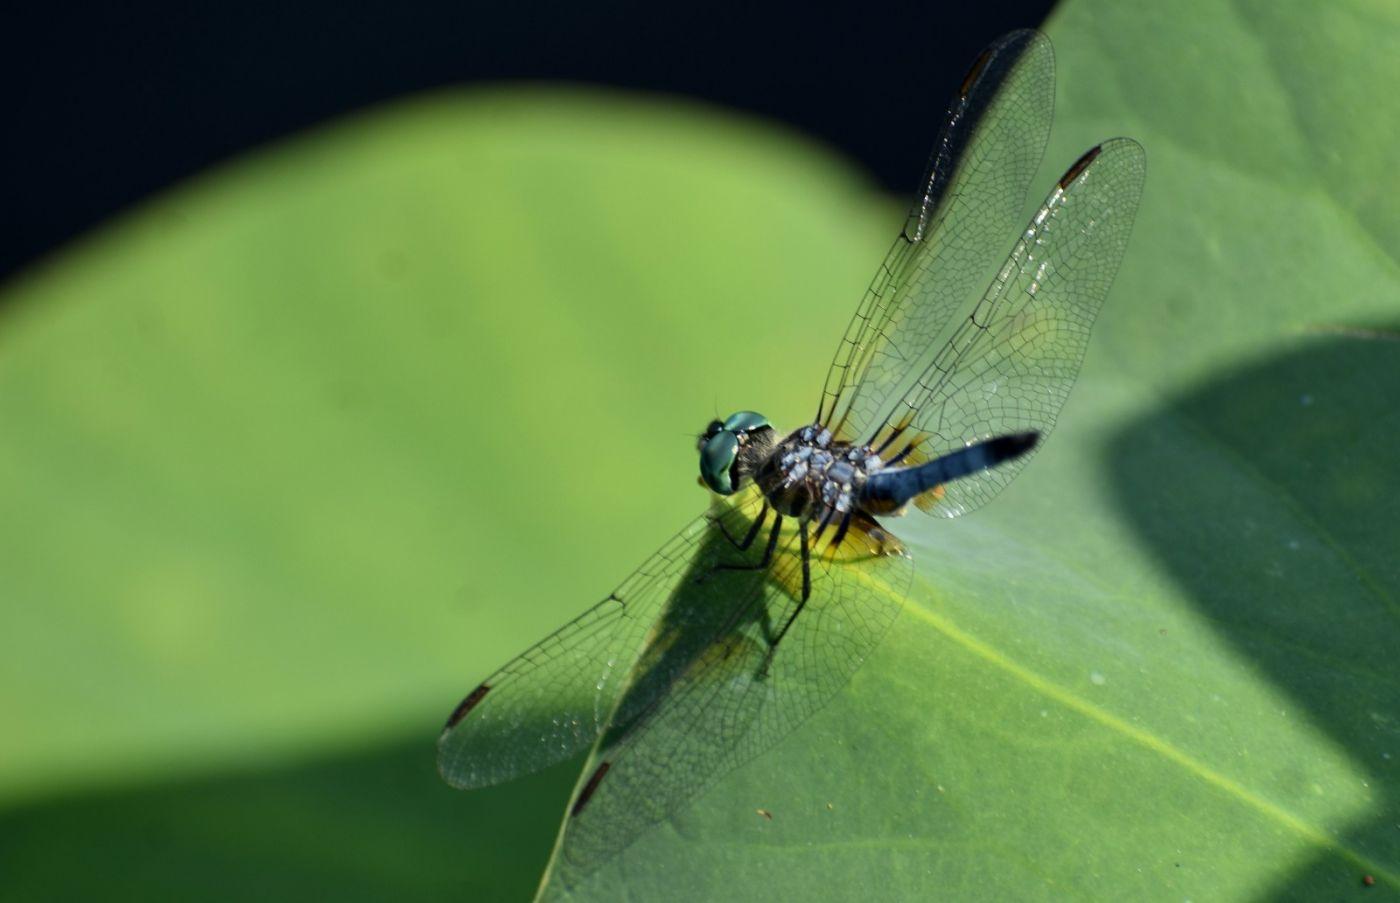 轻盈秀丽的蜻蜓_图1-11